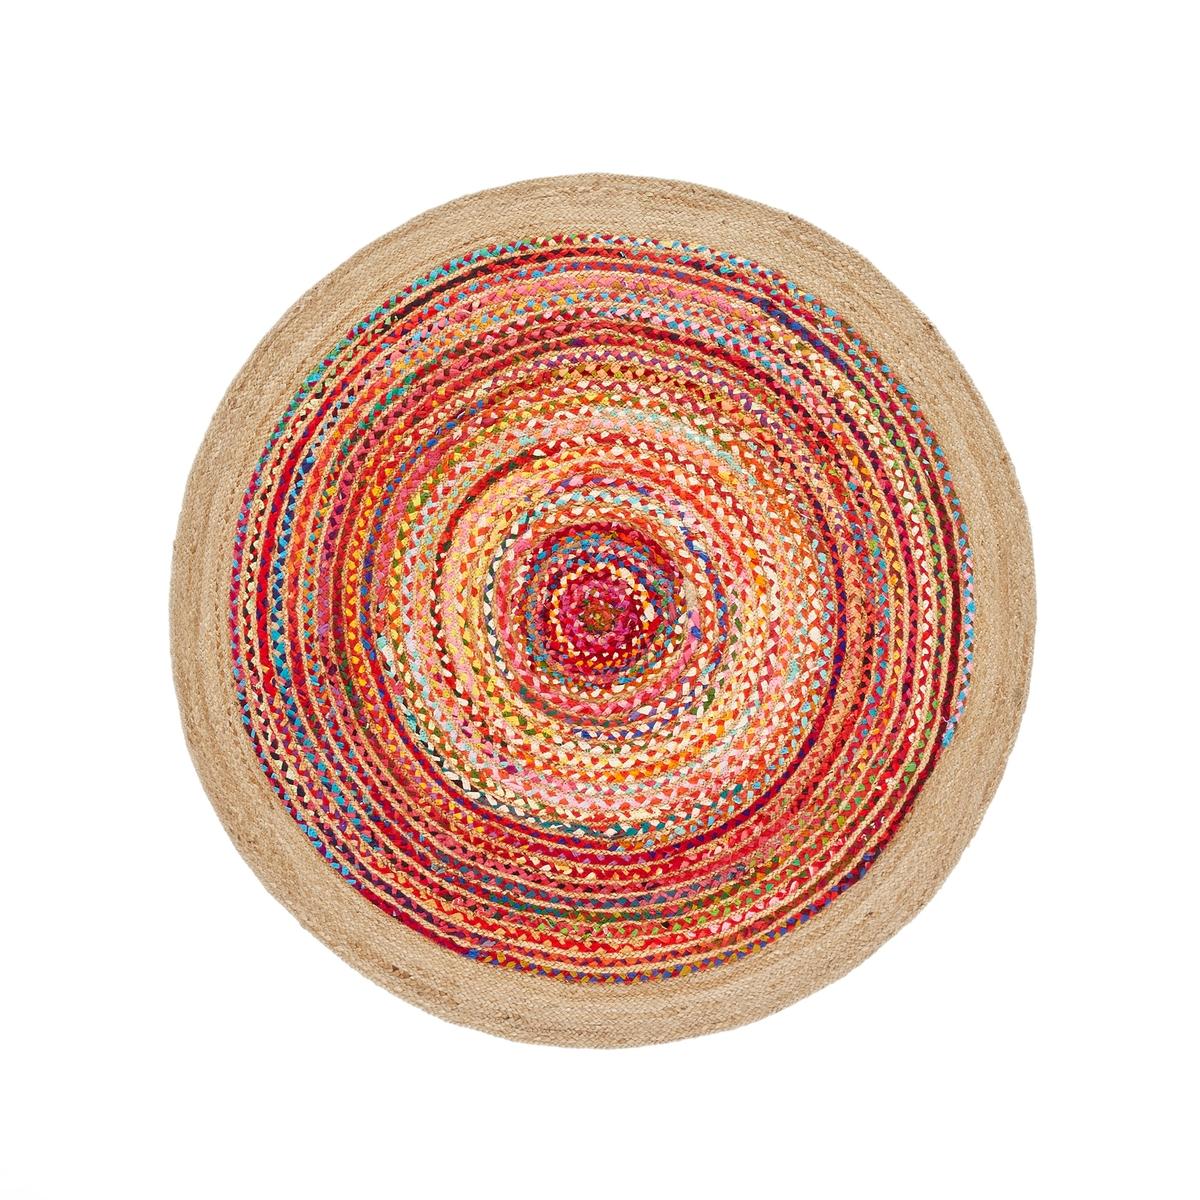 цена Ковер La Redoute Из джута и хлопка см Jaco единый размер разноцветный онлайн в 2017 году